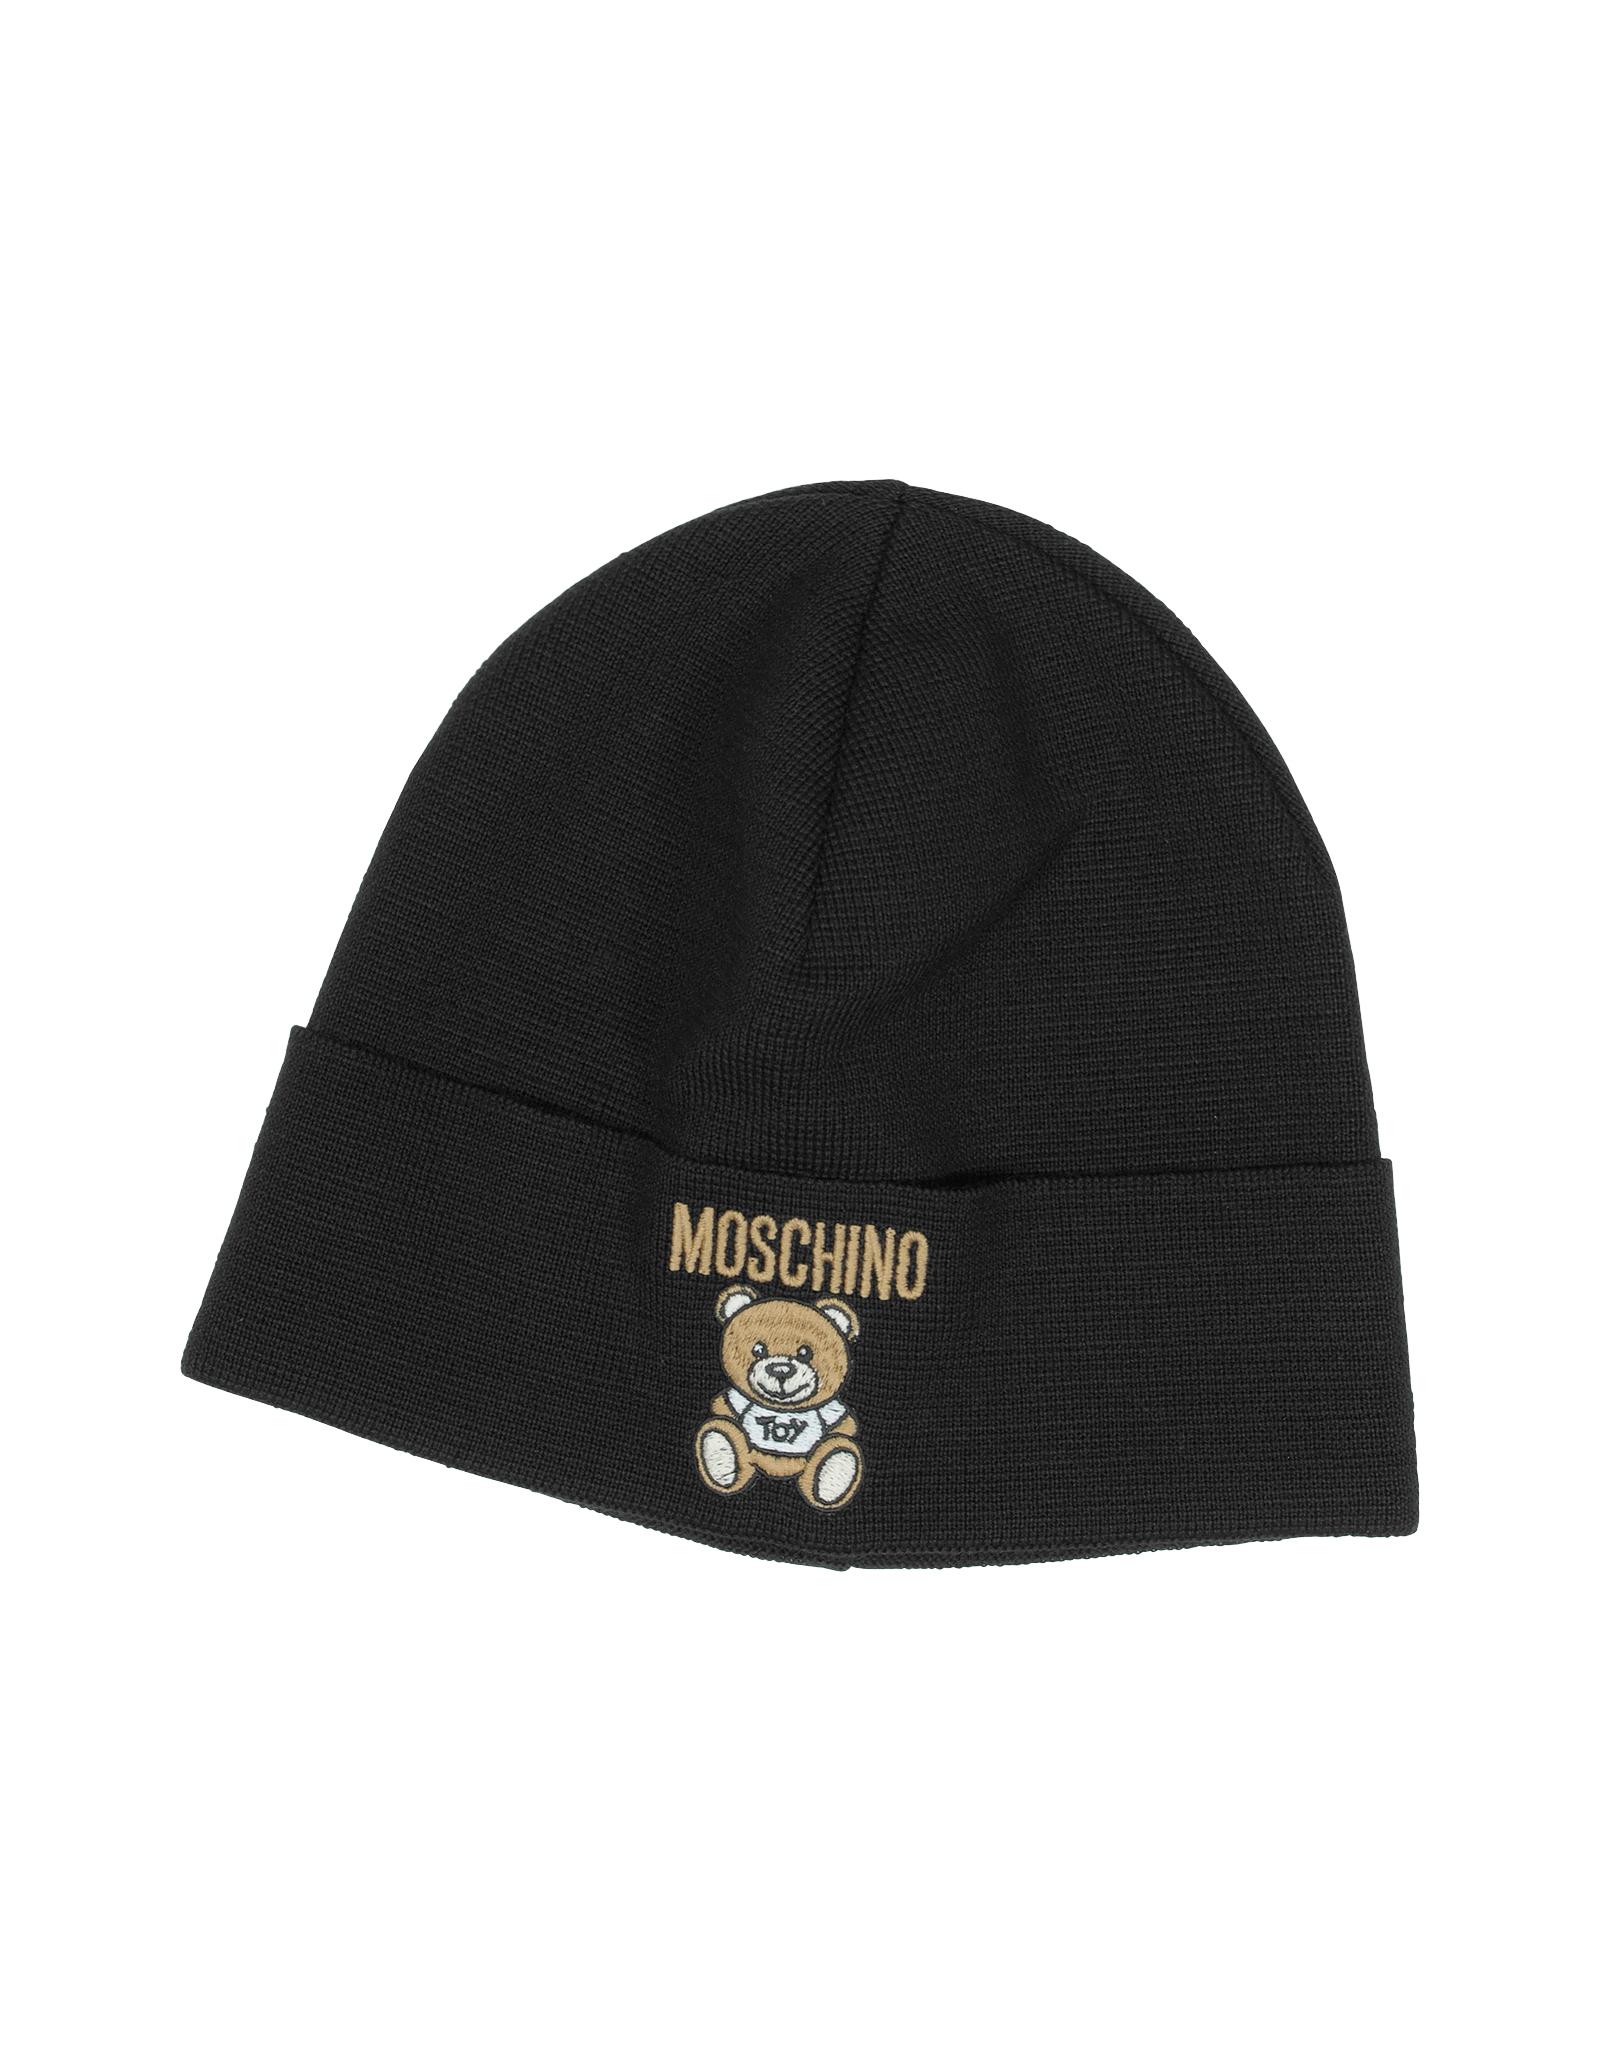 Lyst - Moschino Teddy Bear Wool Blend Hat in Black bc21b8a32f3